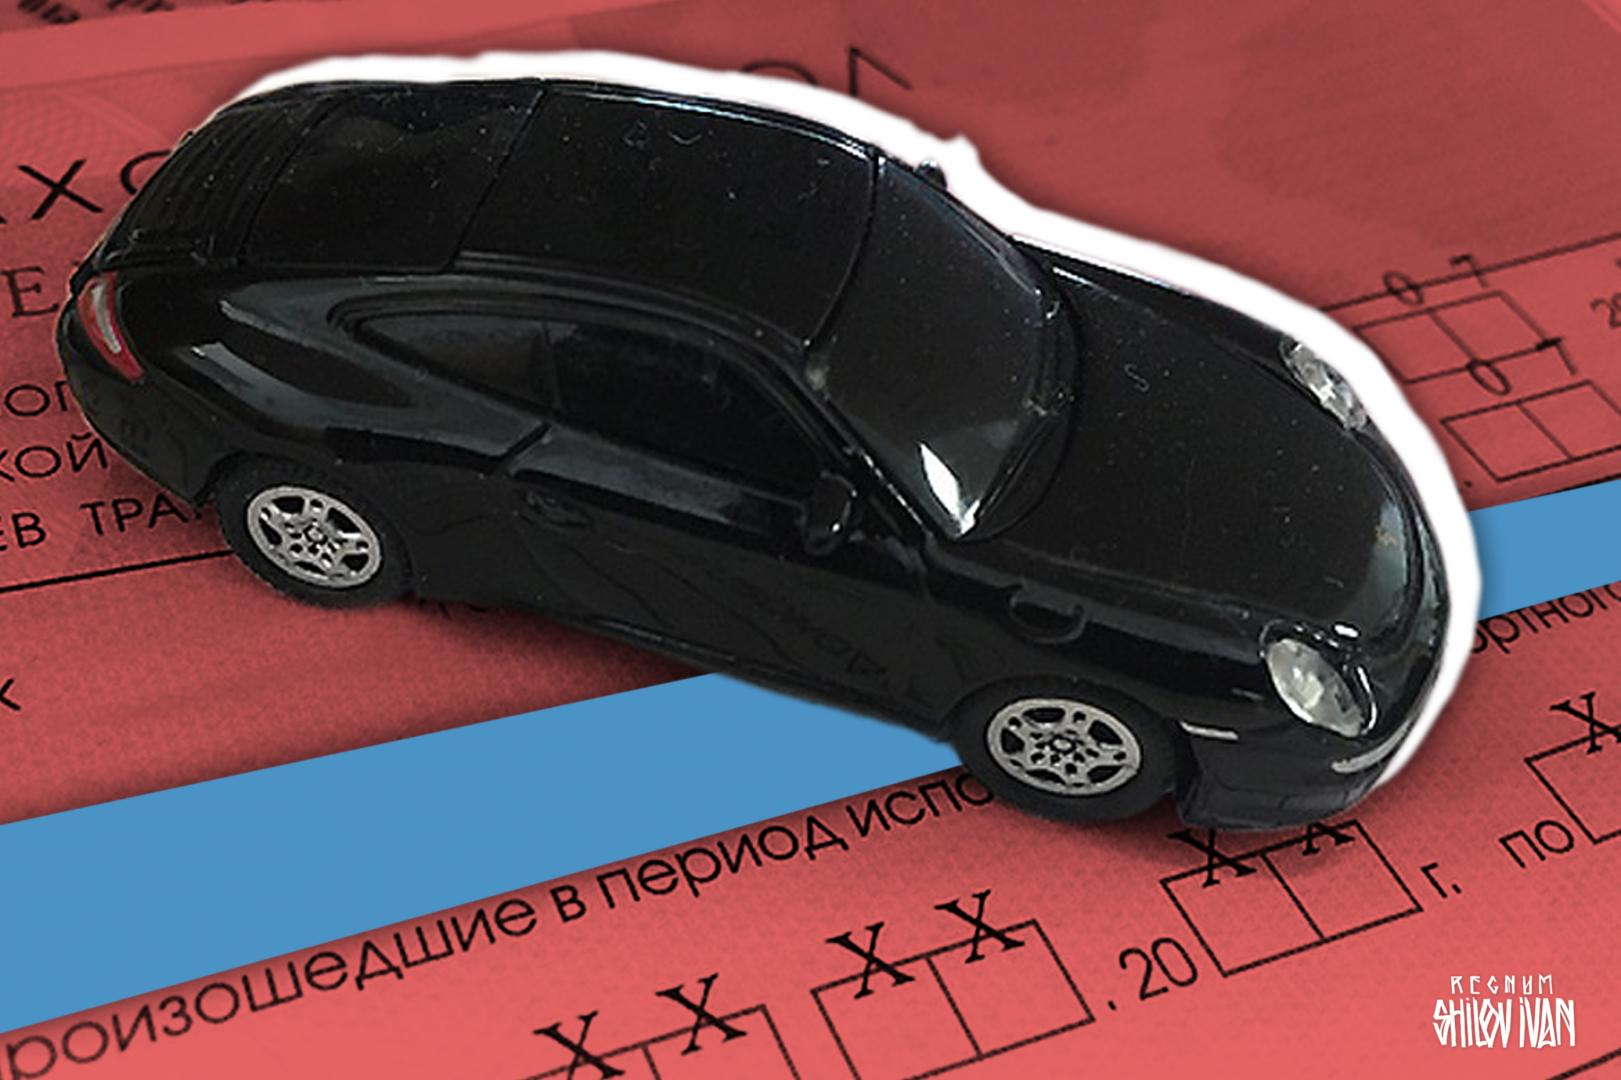 Замена водительских прав в  2020 году: справки для гибдд, документы